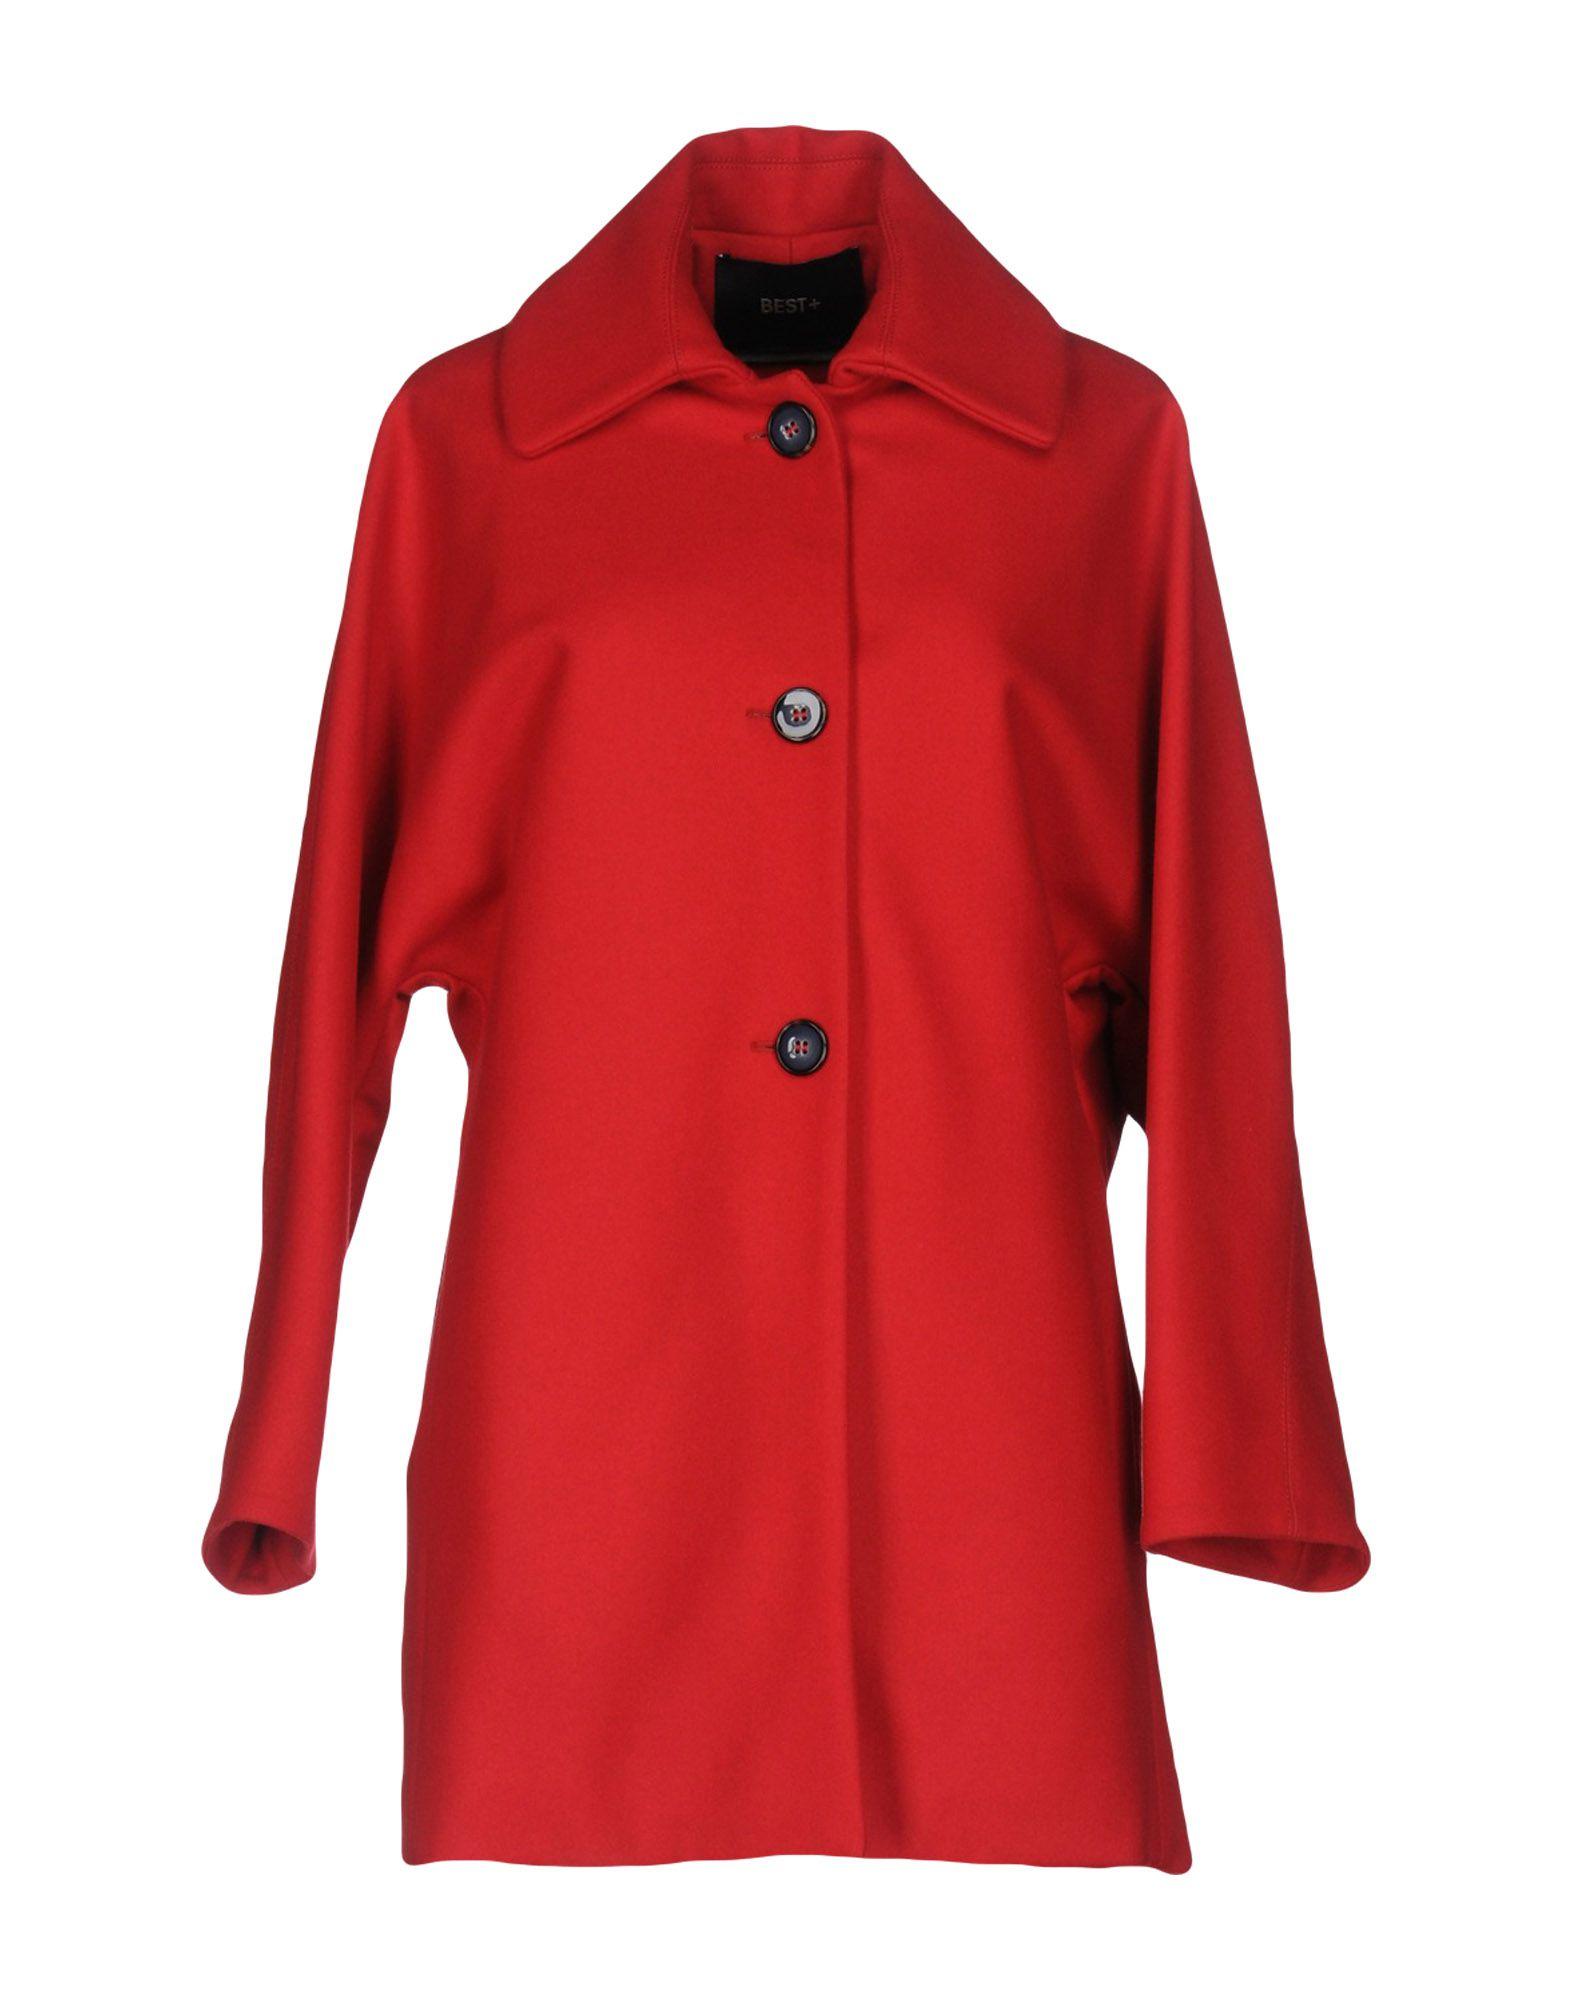 BEST + Пальто free shipping 10 pcs 080d0wq sop8 best quality